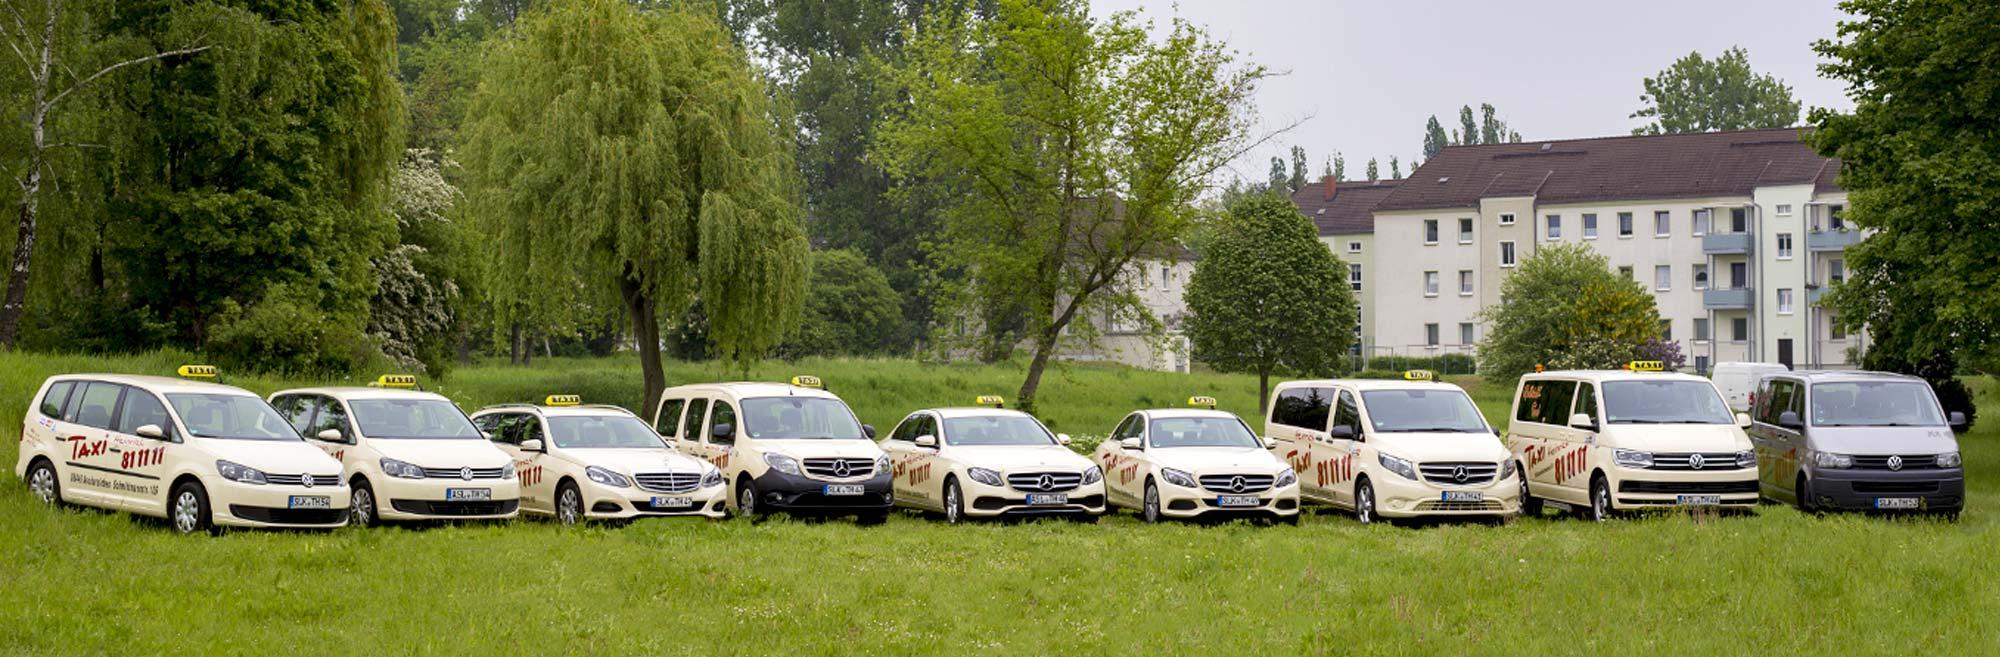 taxi-heinrich1